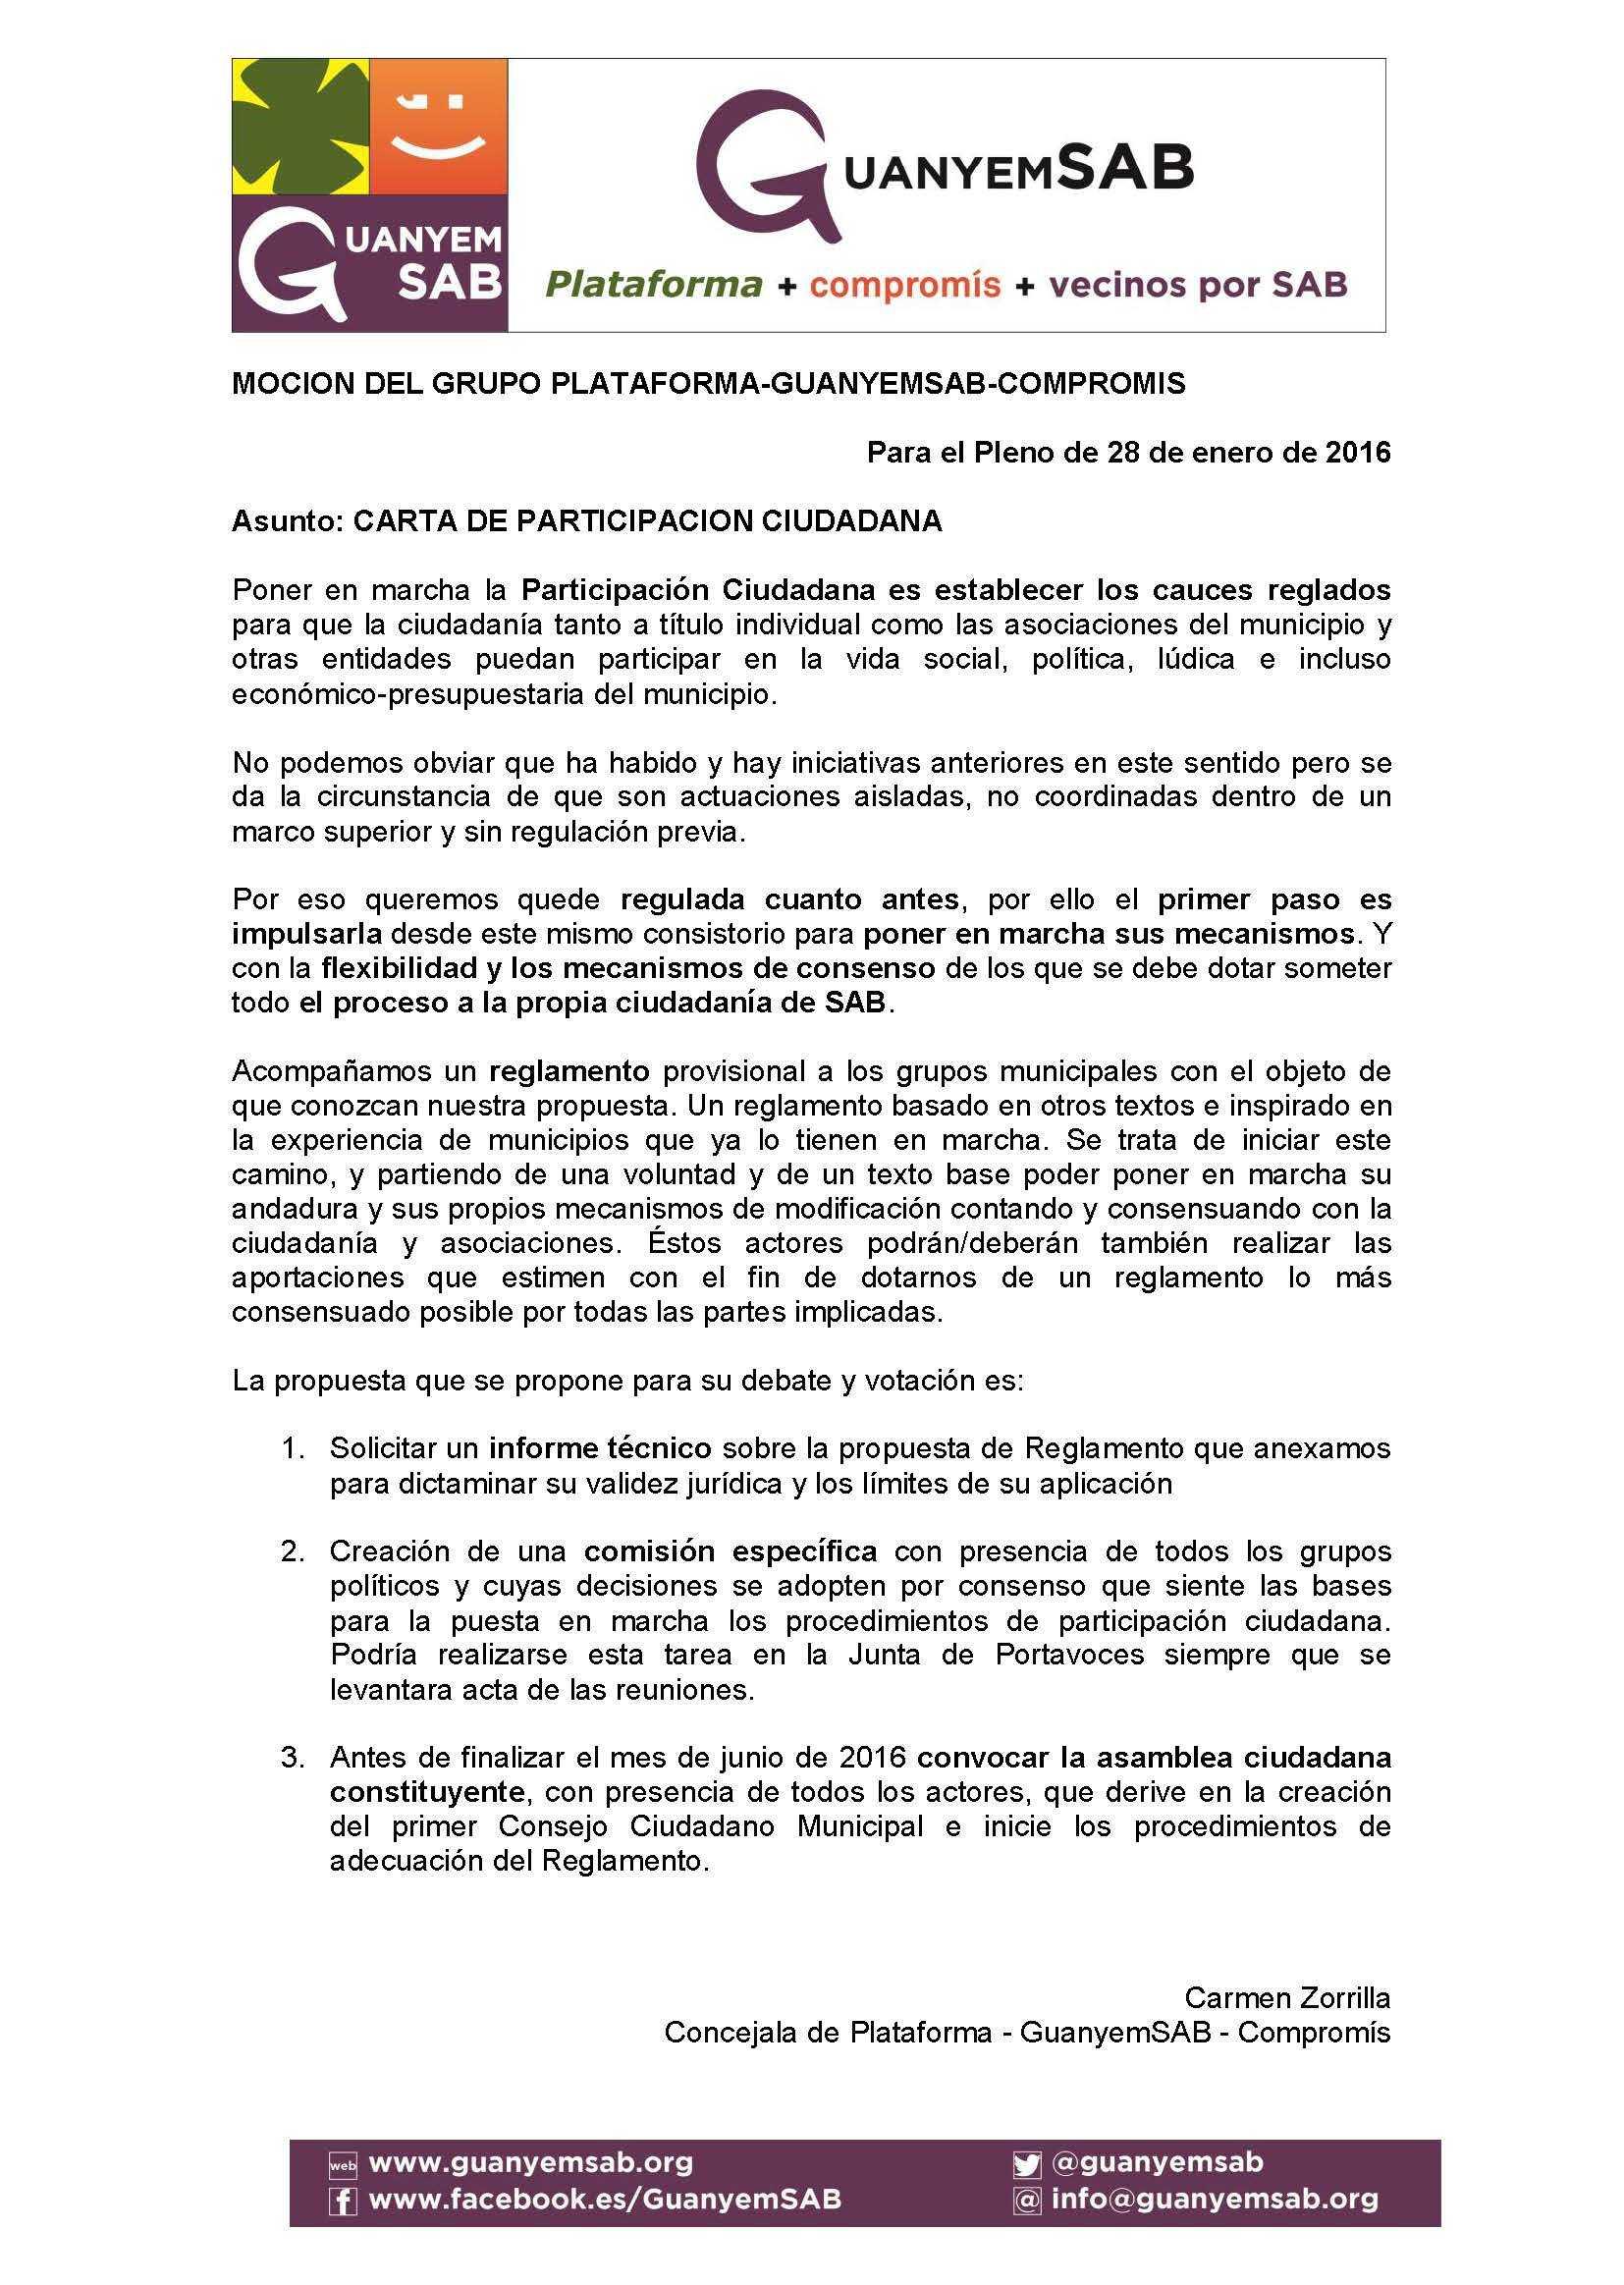 4 - MOCION CARTA DE PARTICIPACION CIUDADANA